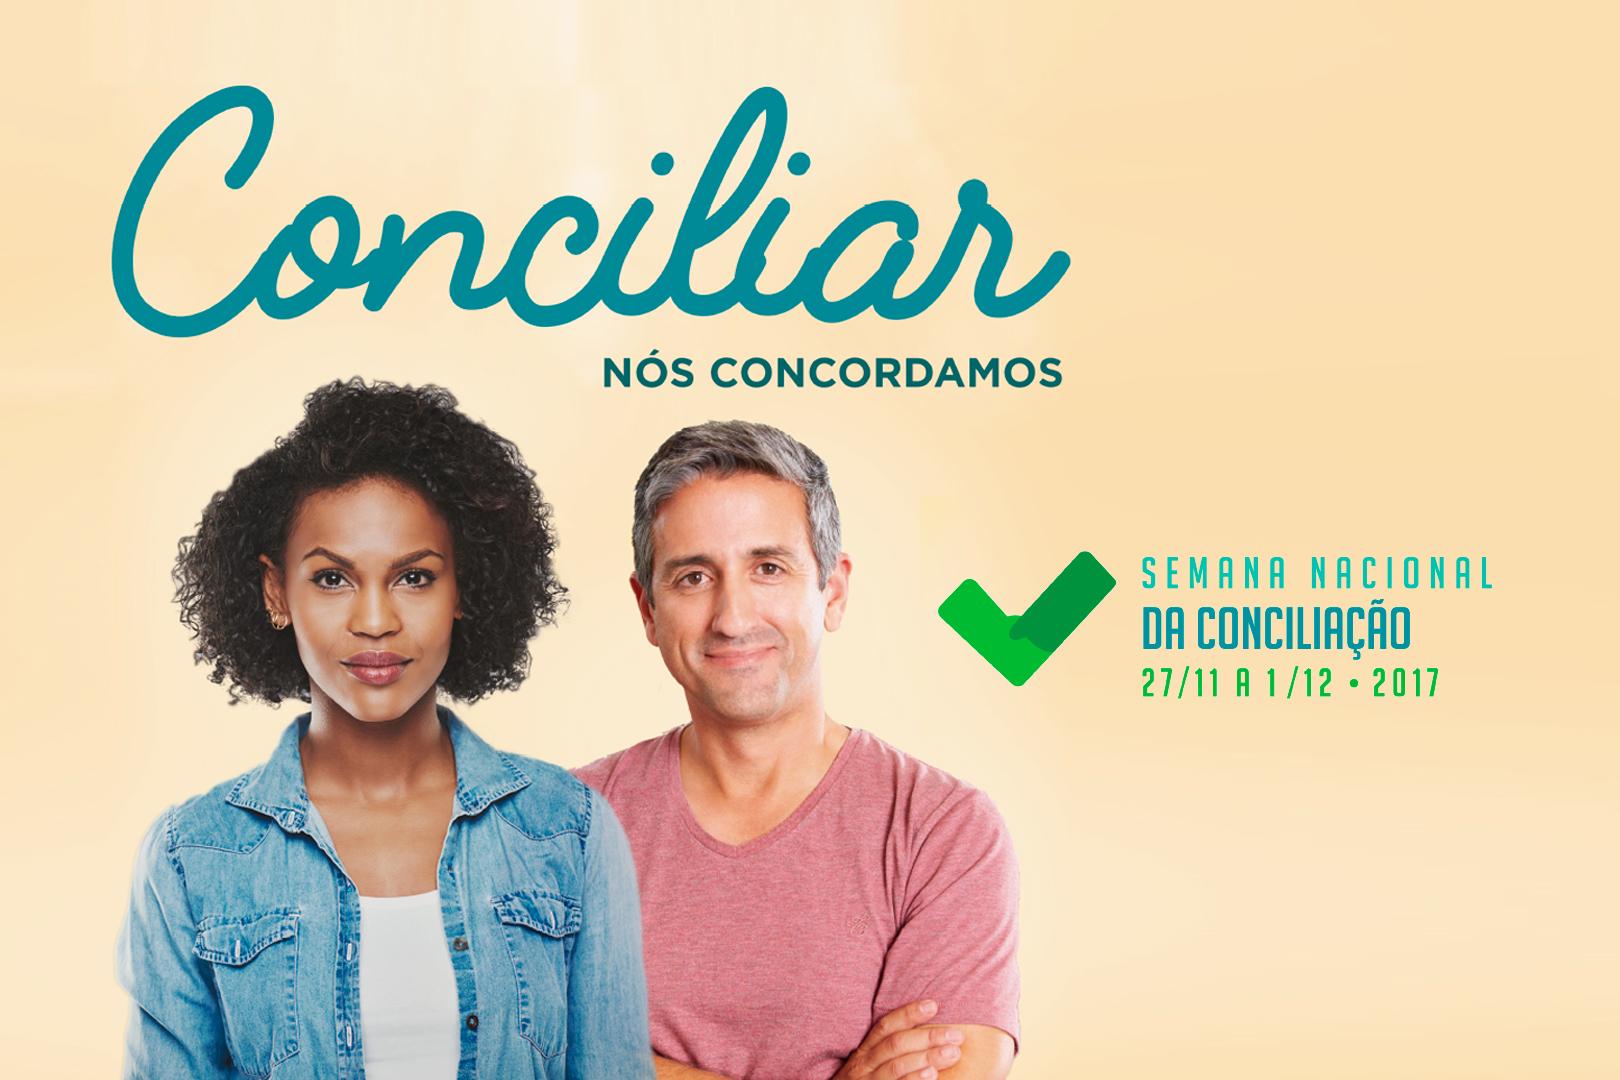 Participe da Semana Nacional da Conciliação